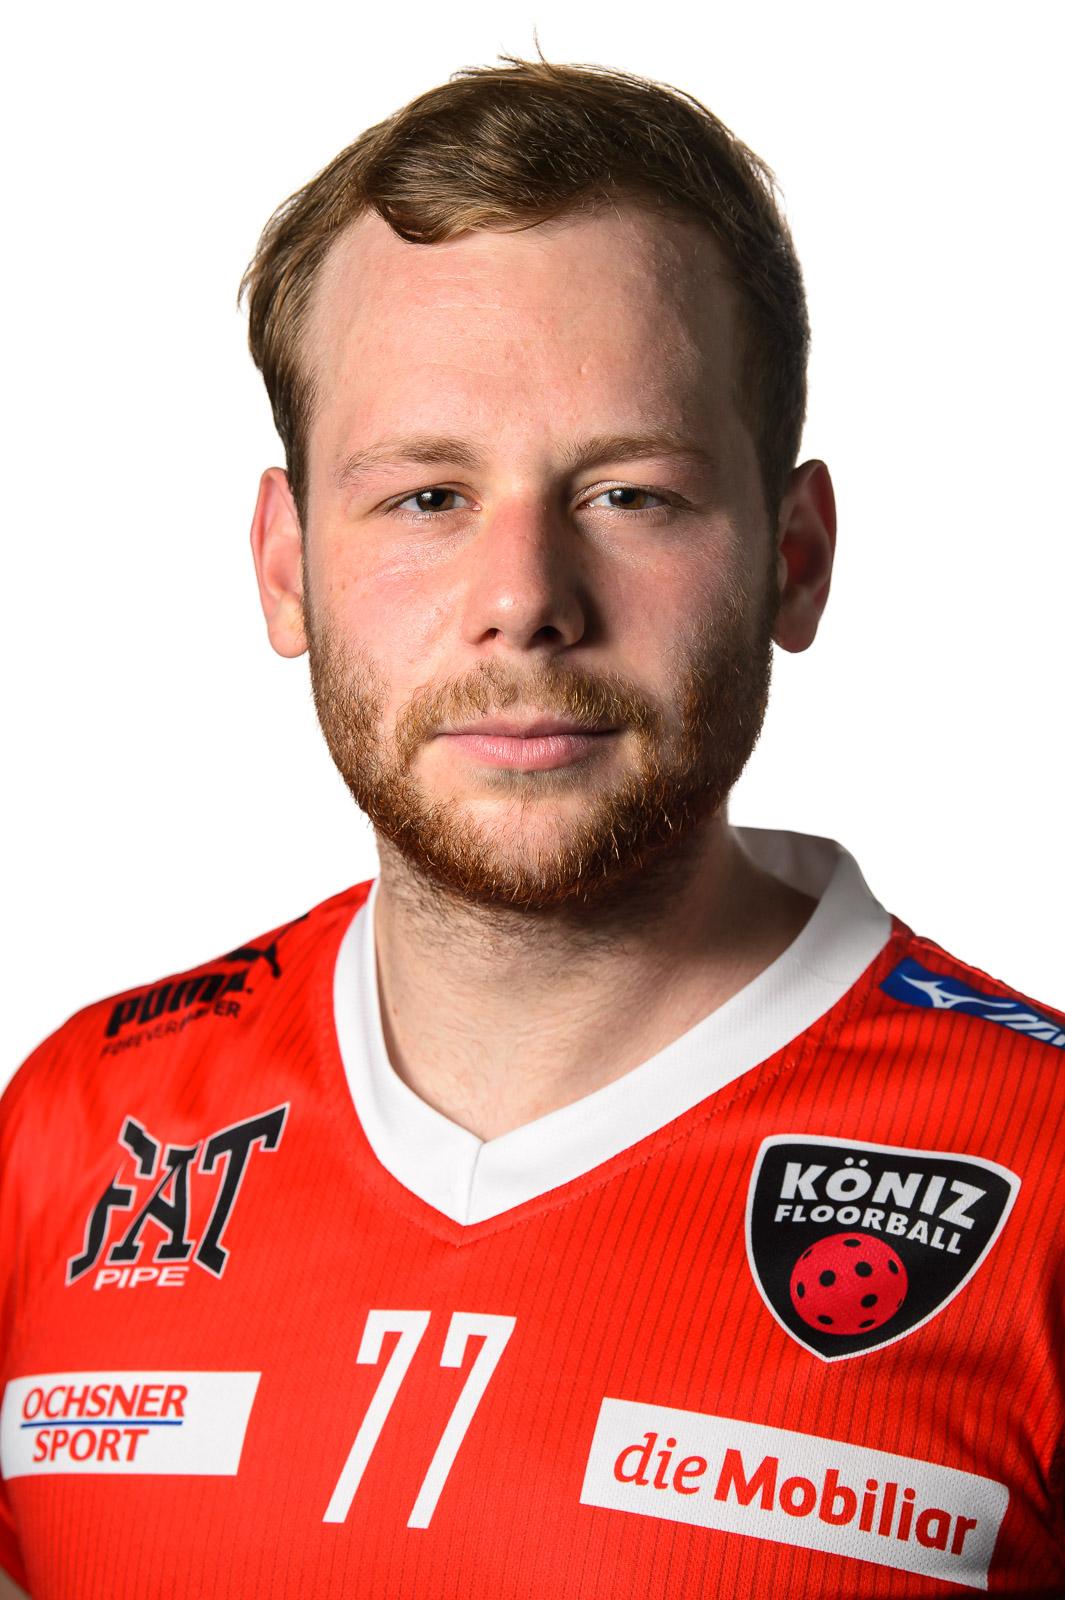 Pascal Kern